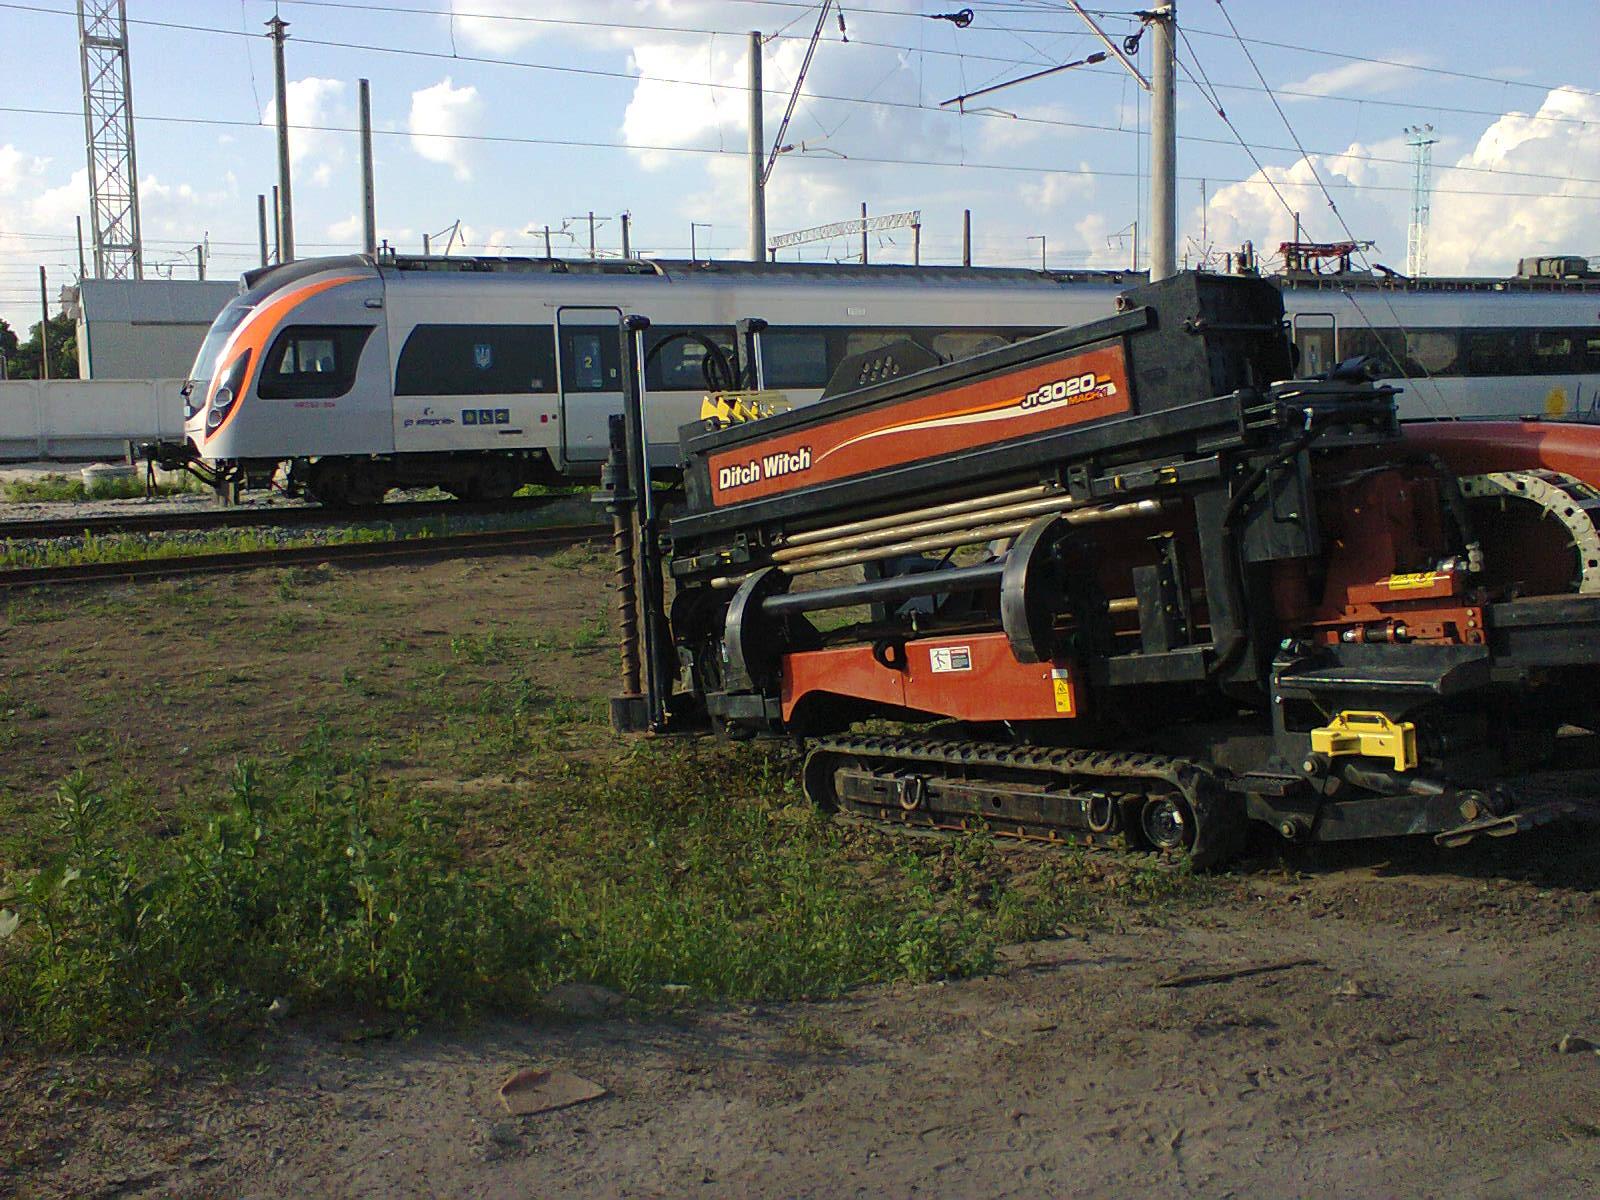 инструкция по приемке в эксплуатацию законченных строительством волоконно оптических линий передачи федерального железнодорожного транспорта